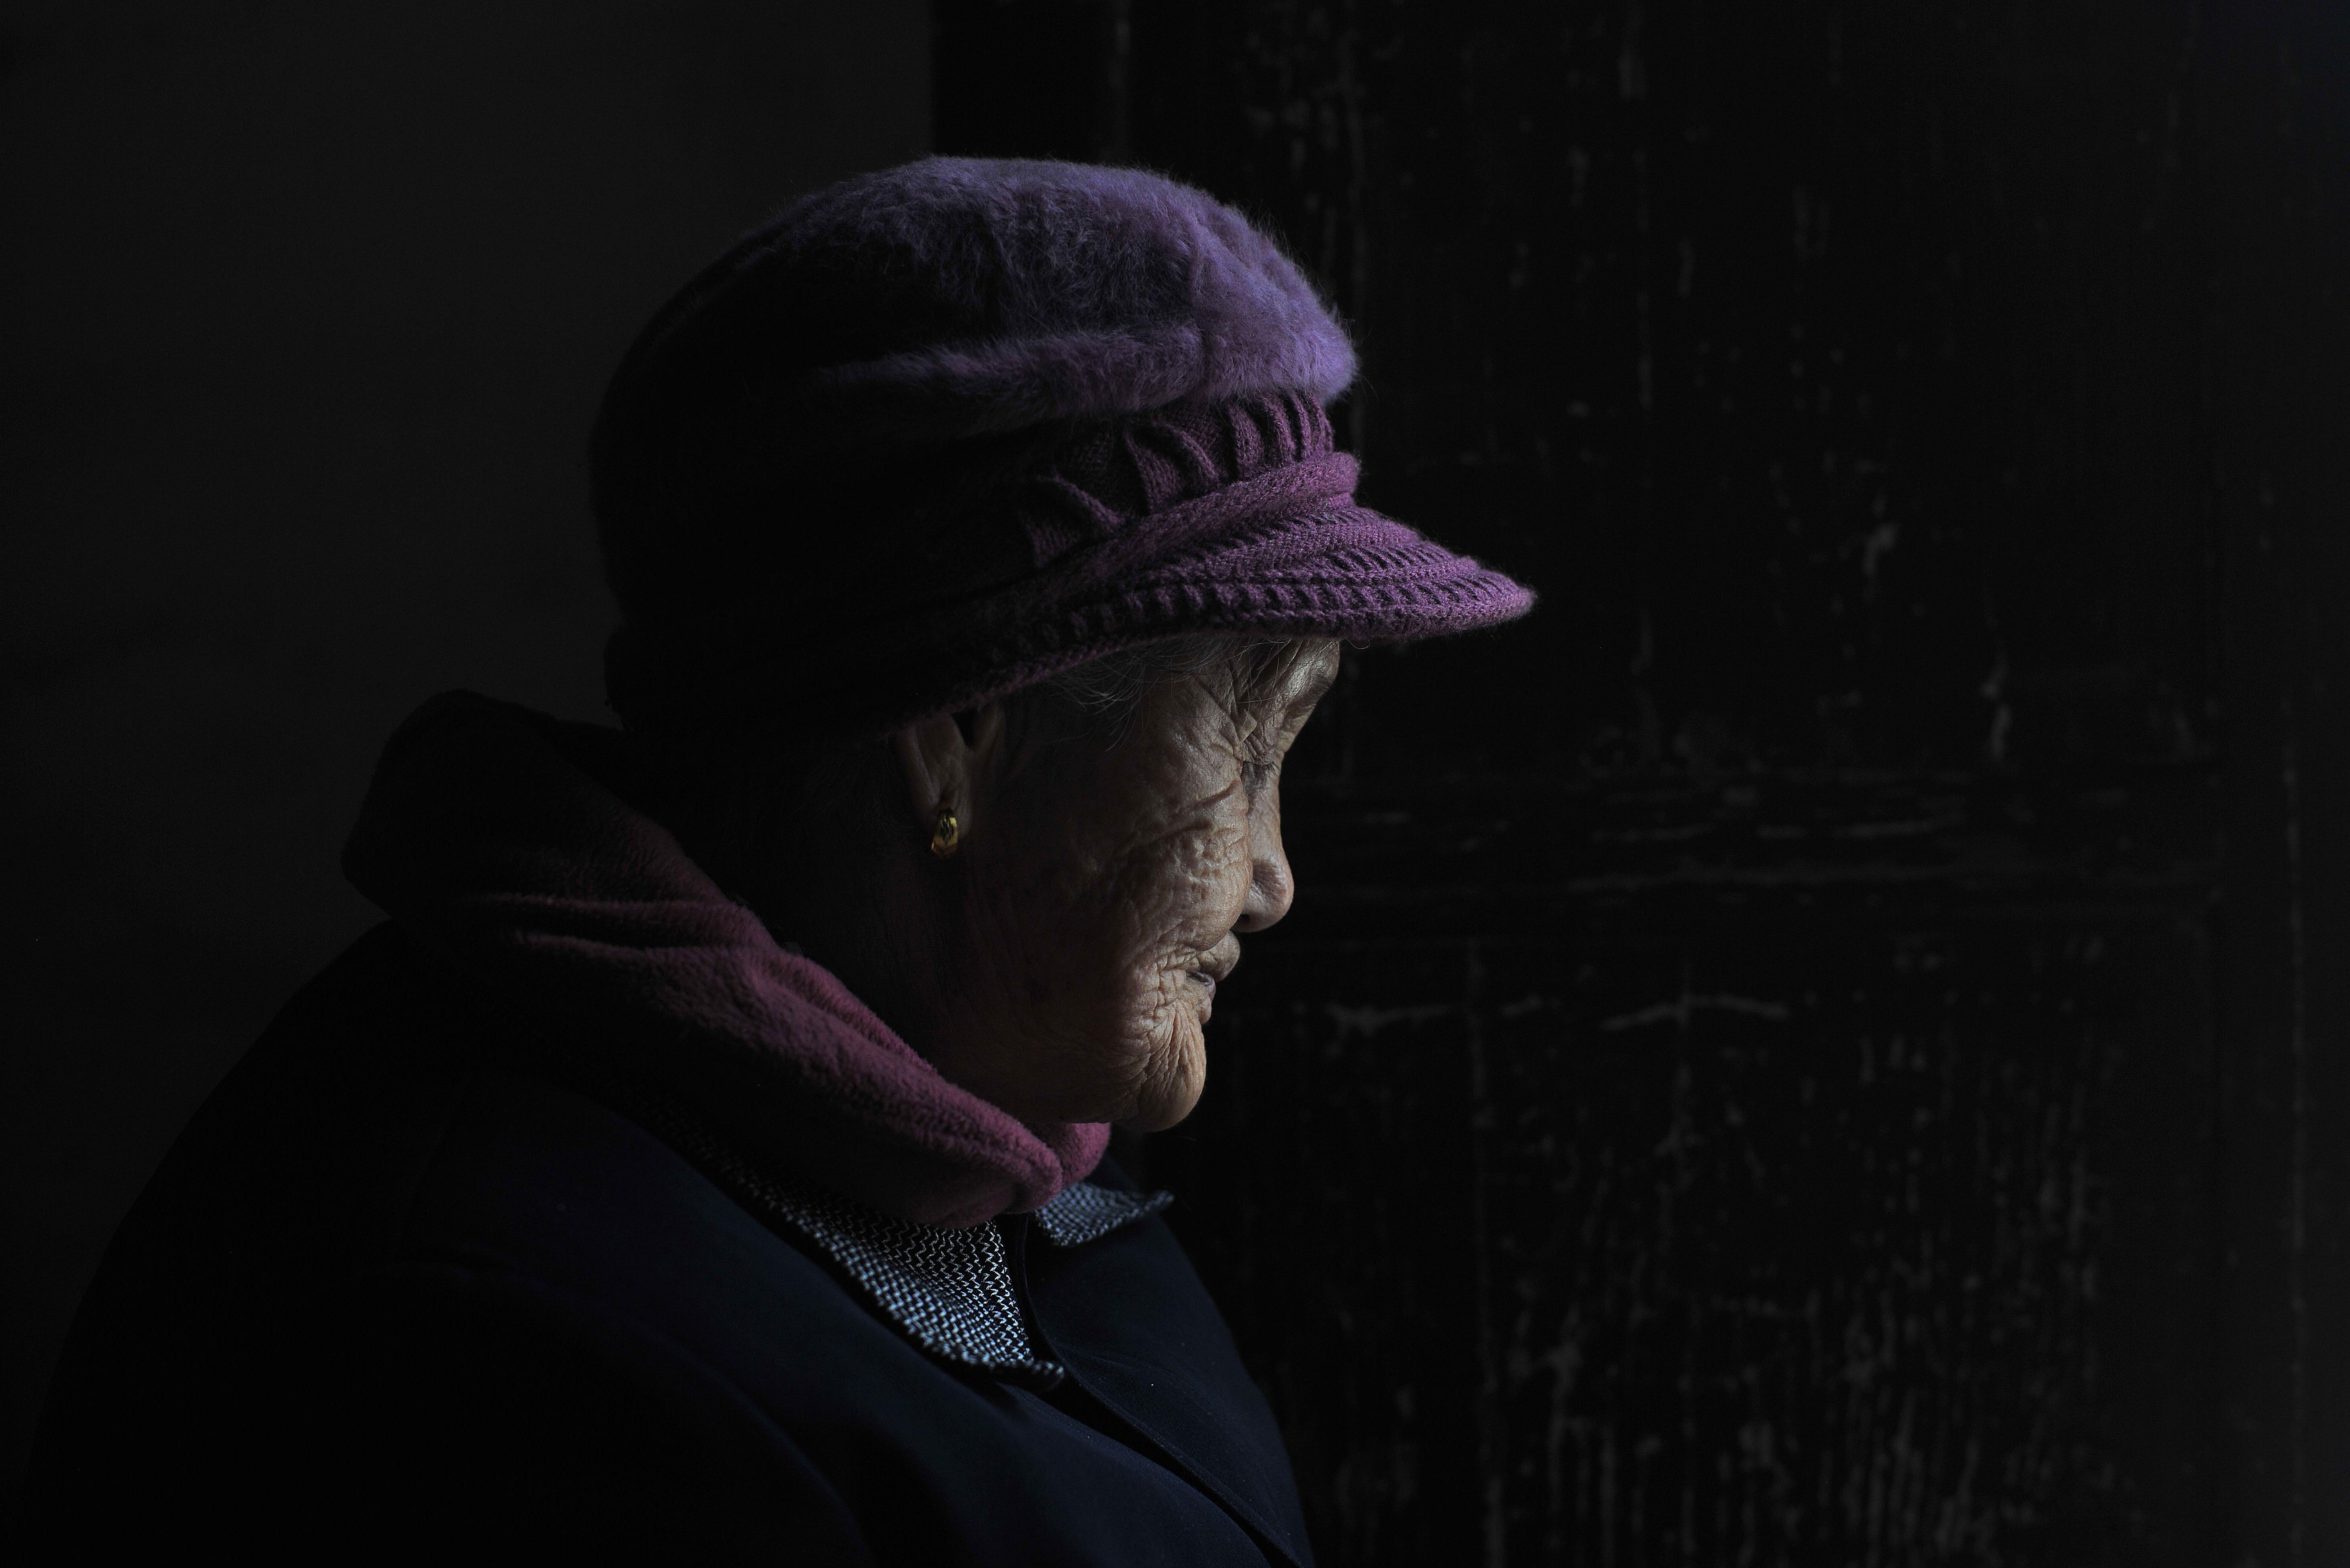 """余姚天气_岳阳新发现两名""""慰安妇""""幸存者: 跑赢时间 留下历史"""